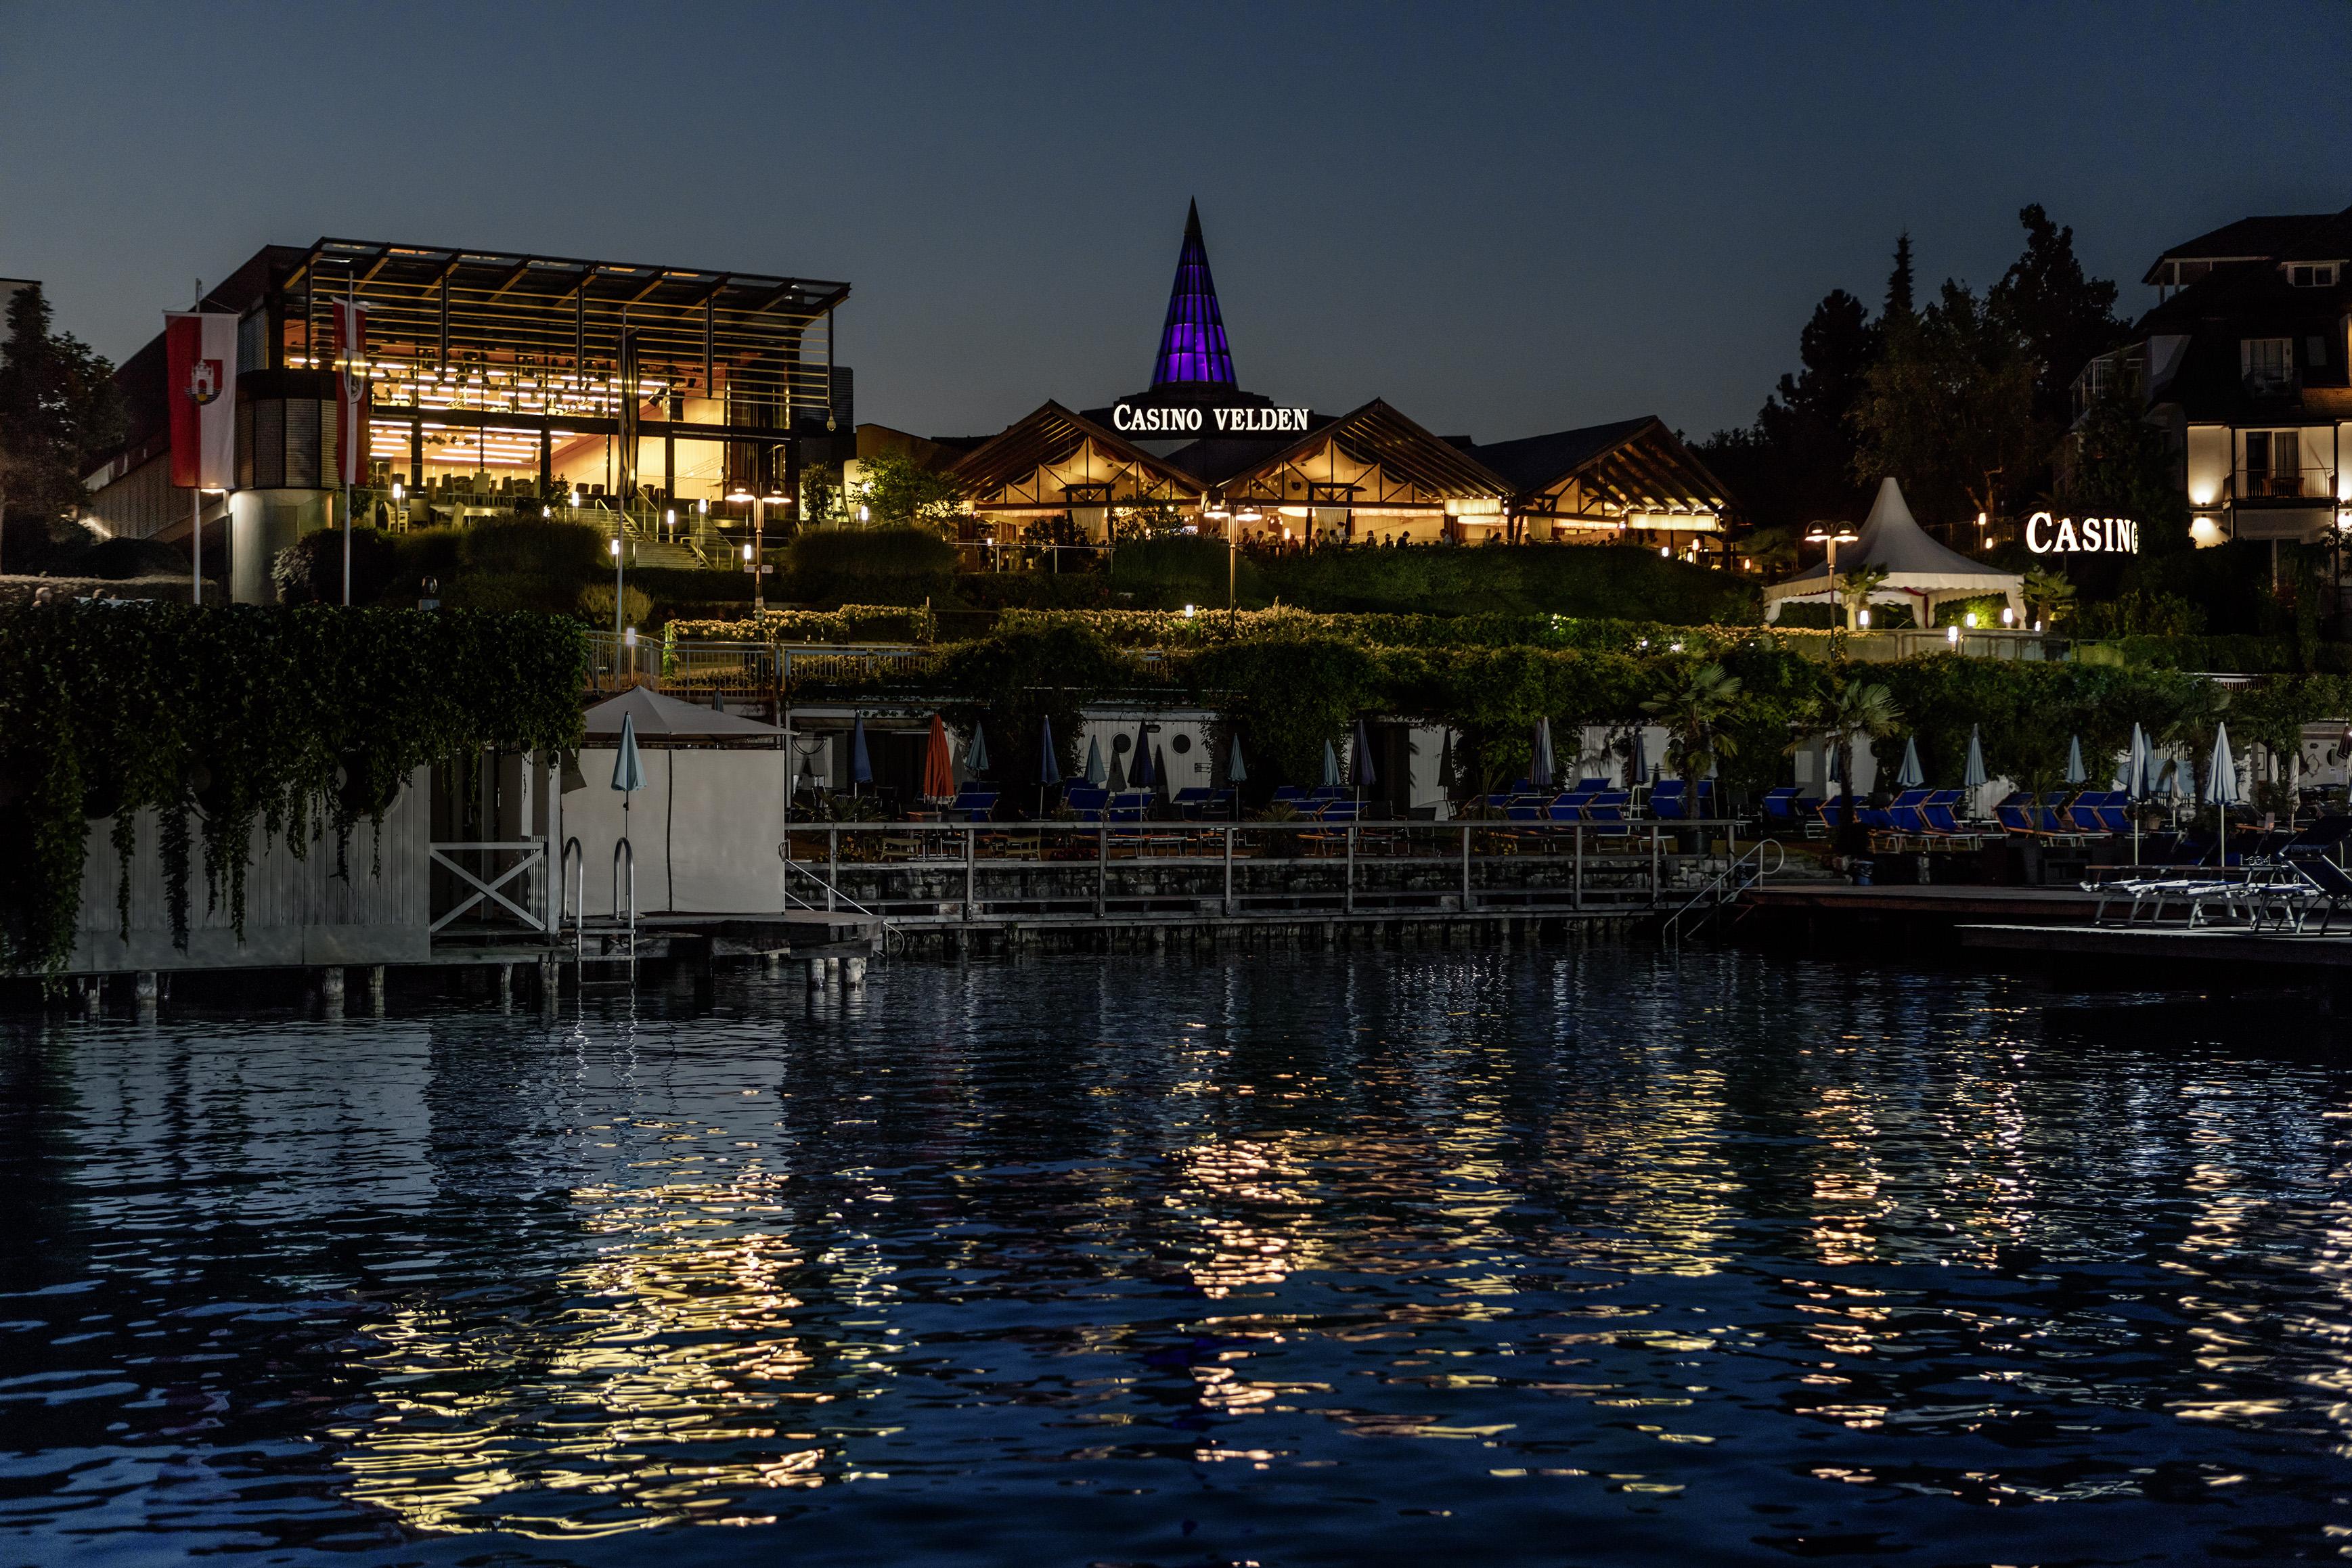 DIE YACHT - das Restaurant im Casino Velden